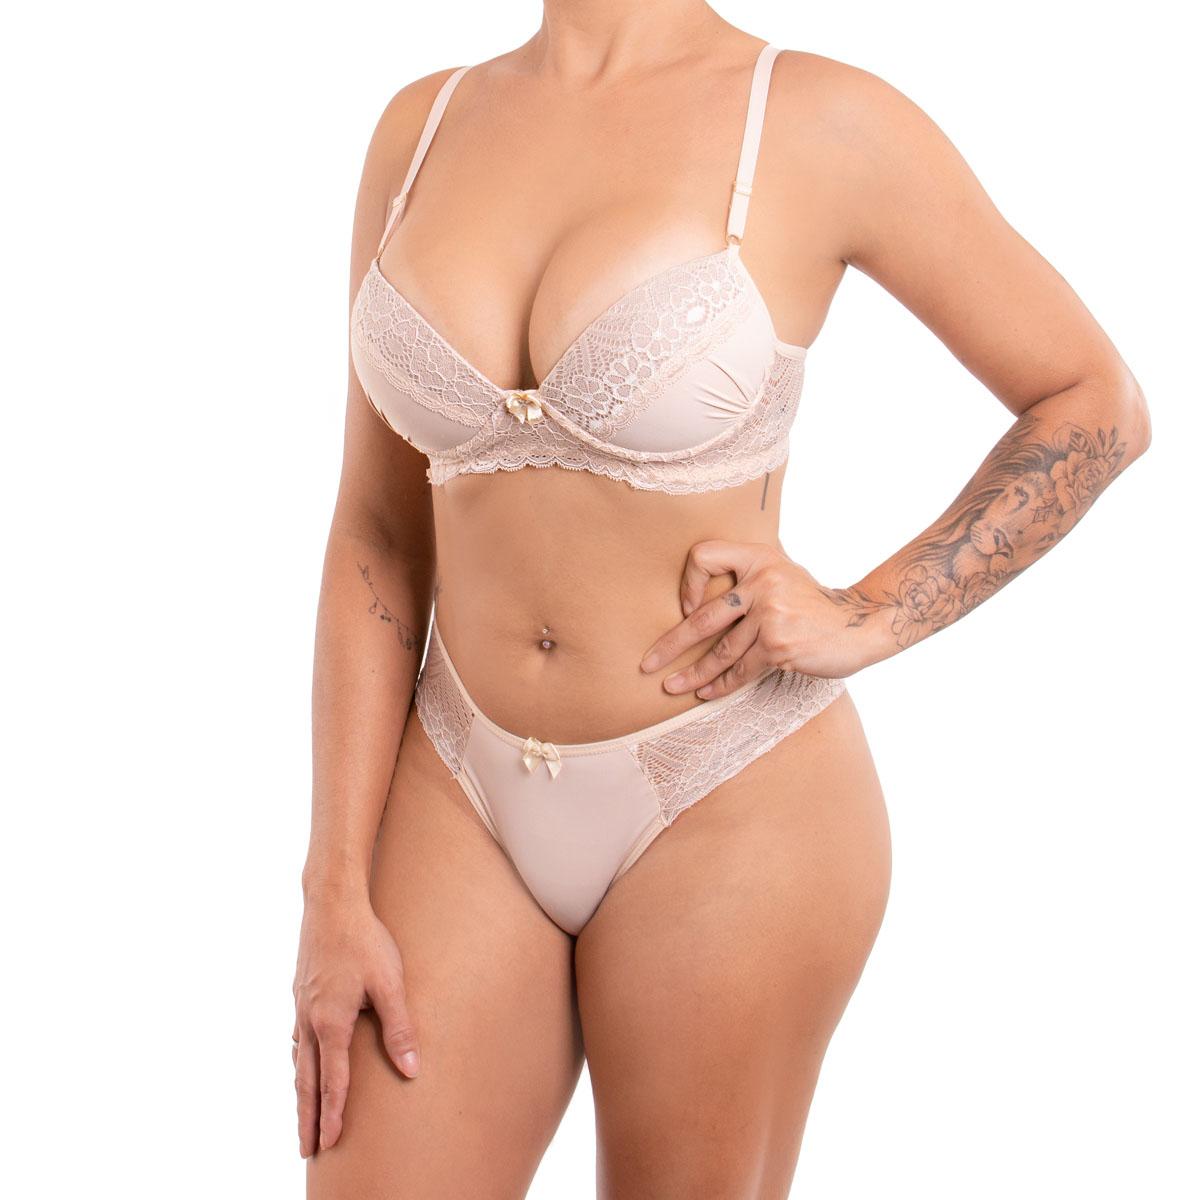 Sutiã e calcinha conjunto de lingerie Toque Secreto